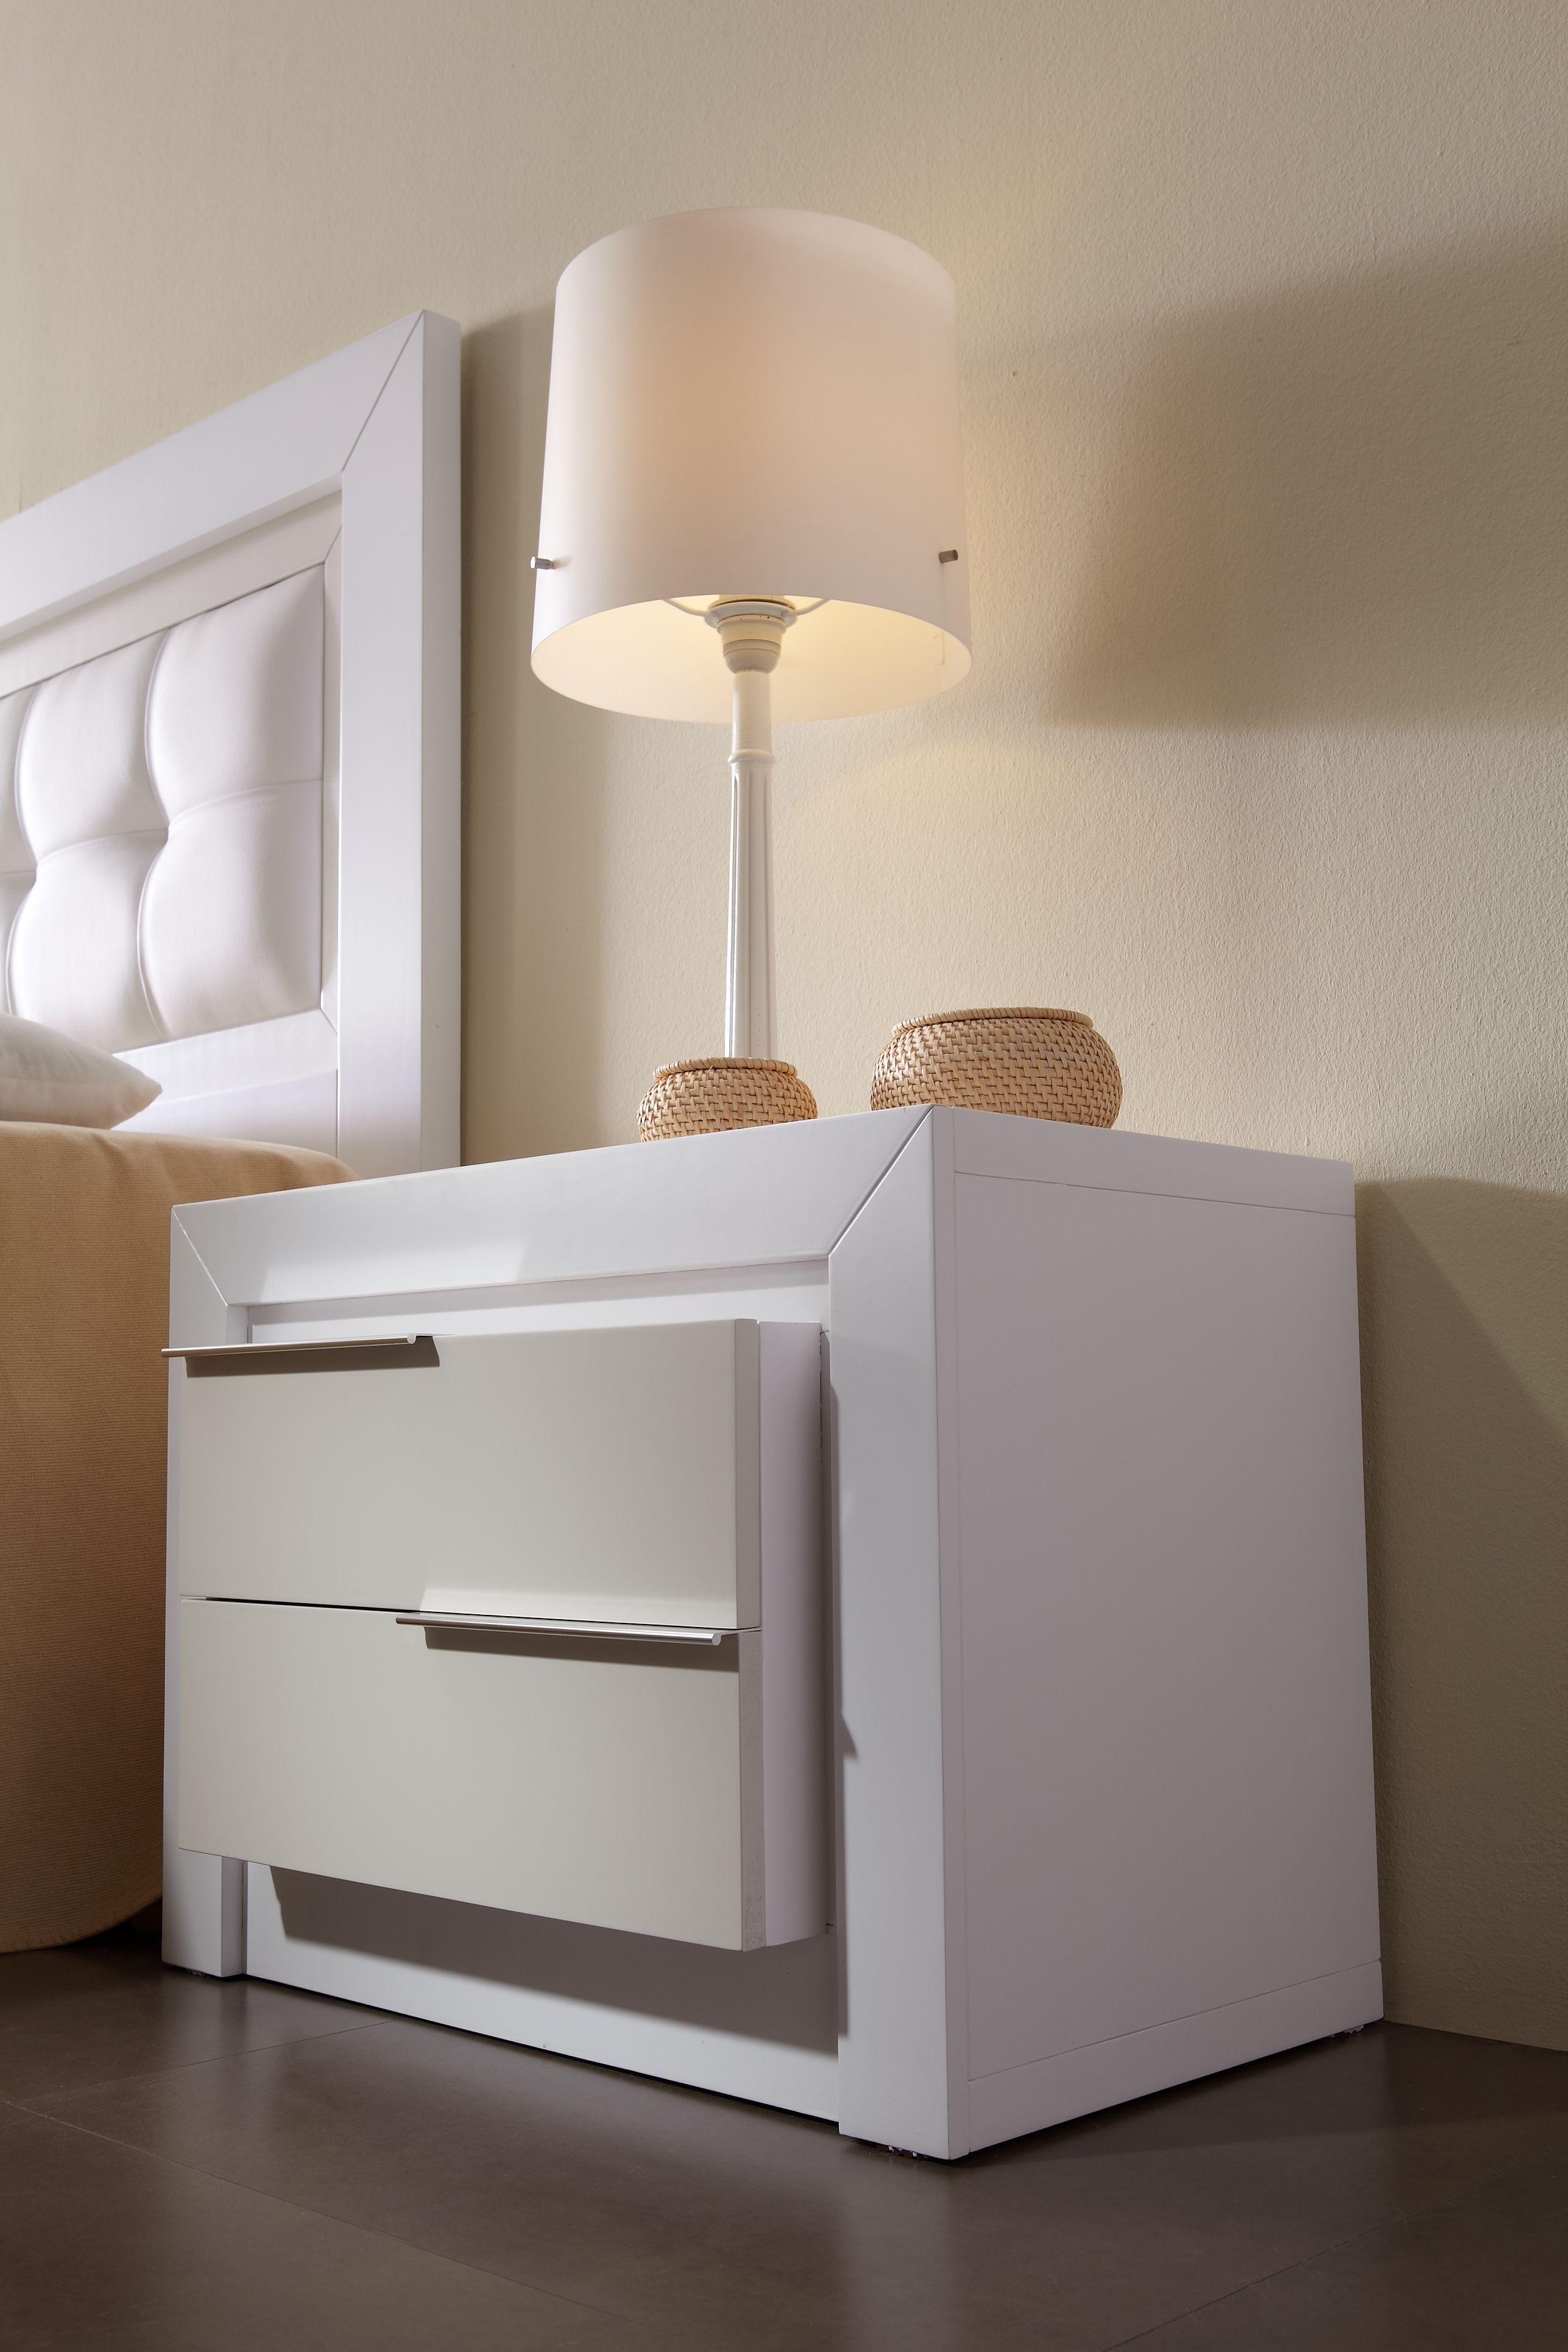 Mesas de noche modernas blancas buscar con google for Diseno de mesa de noche